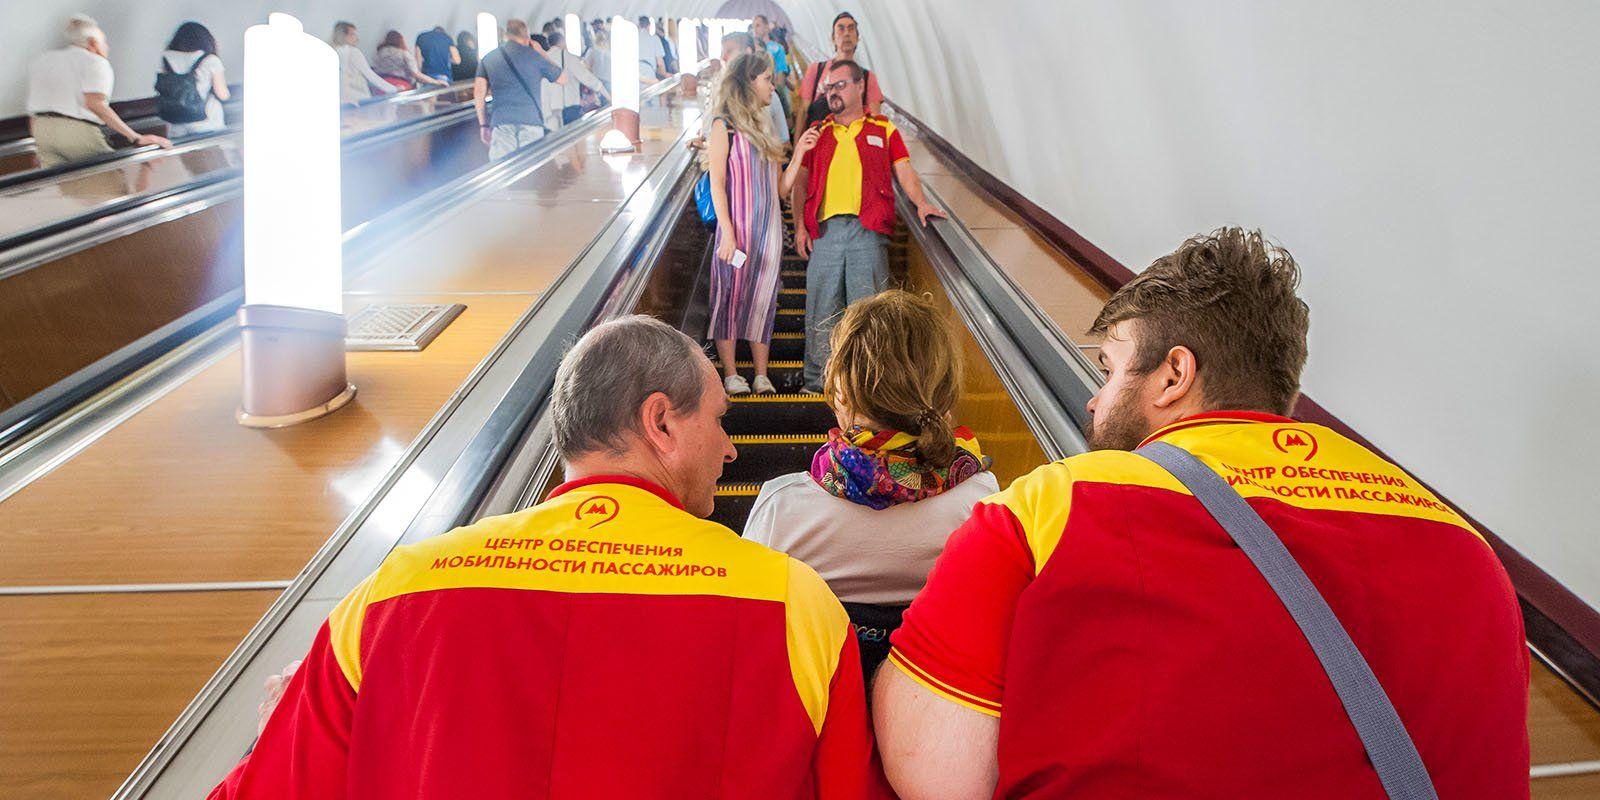 В центре работают более 260 сотрудников. Фото: сайт мэра Москвы